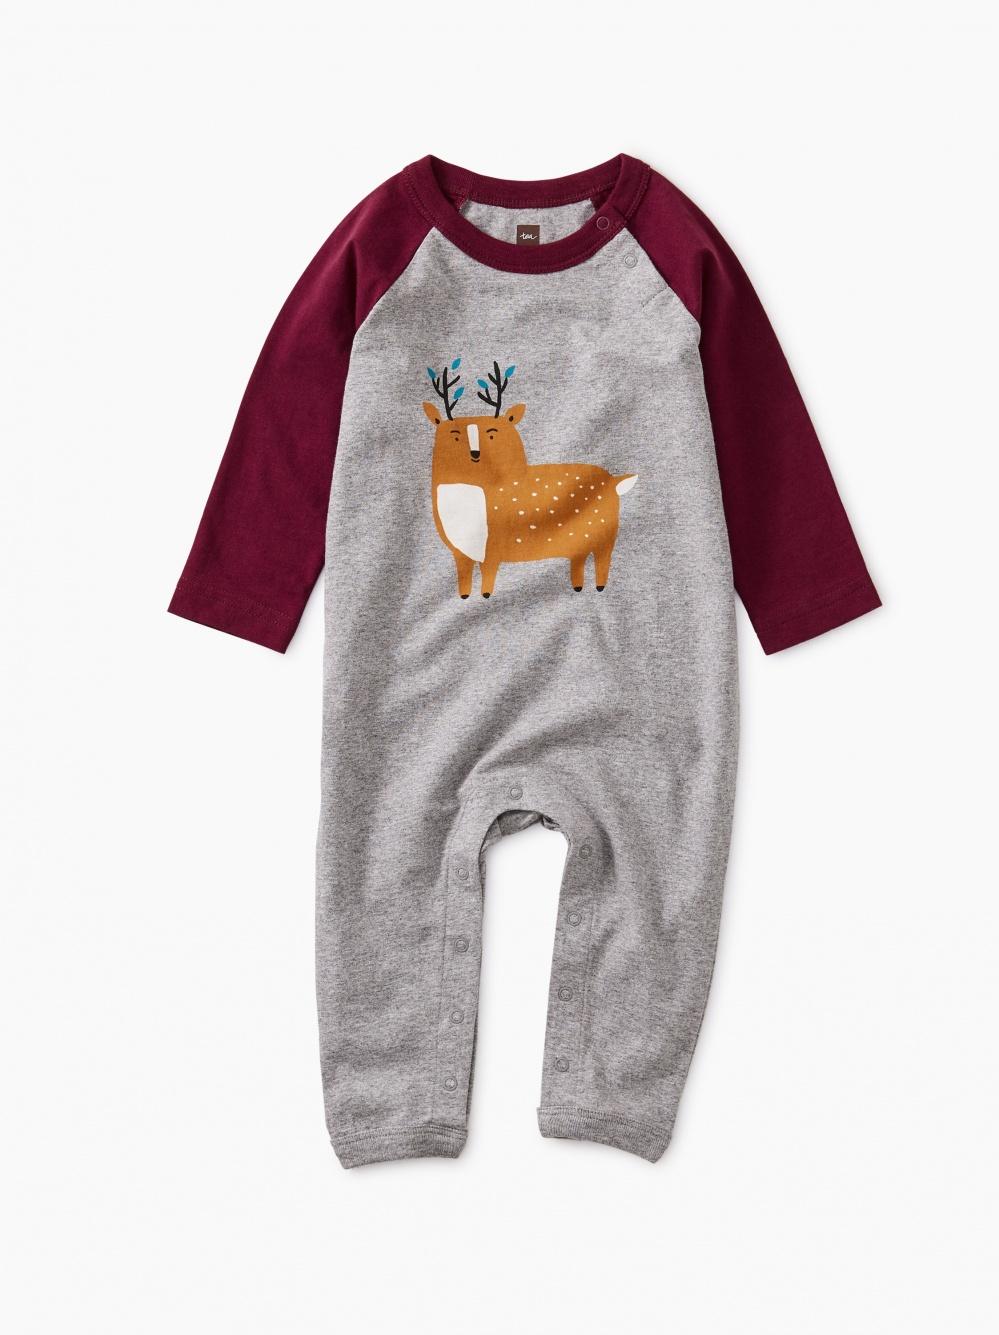 Deer Raglan Romper